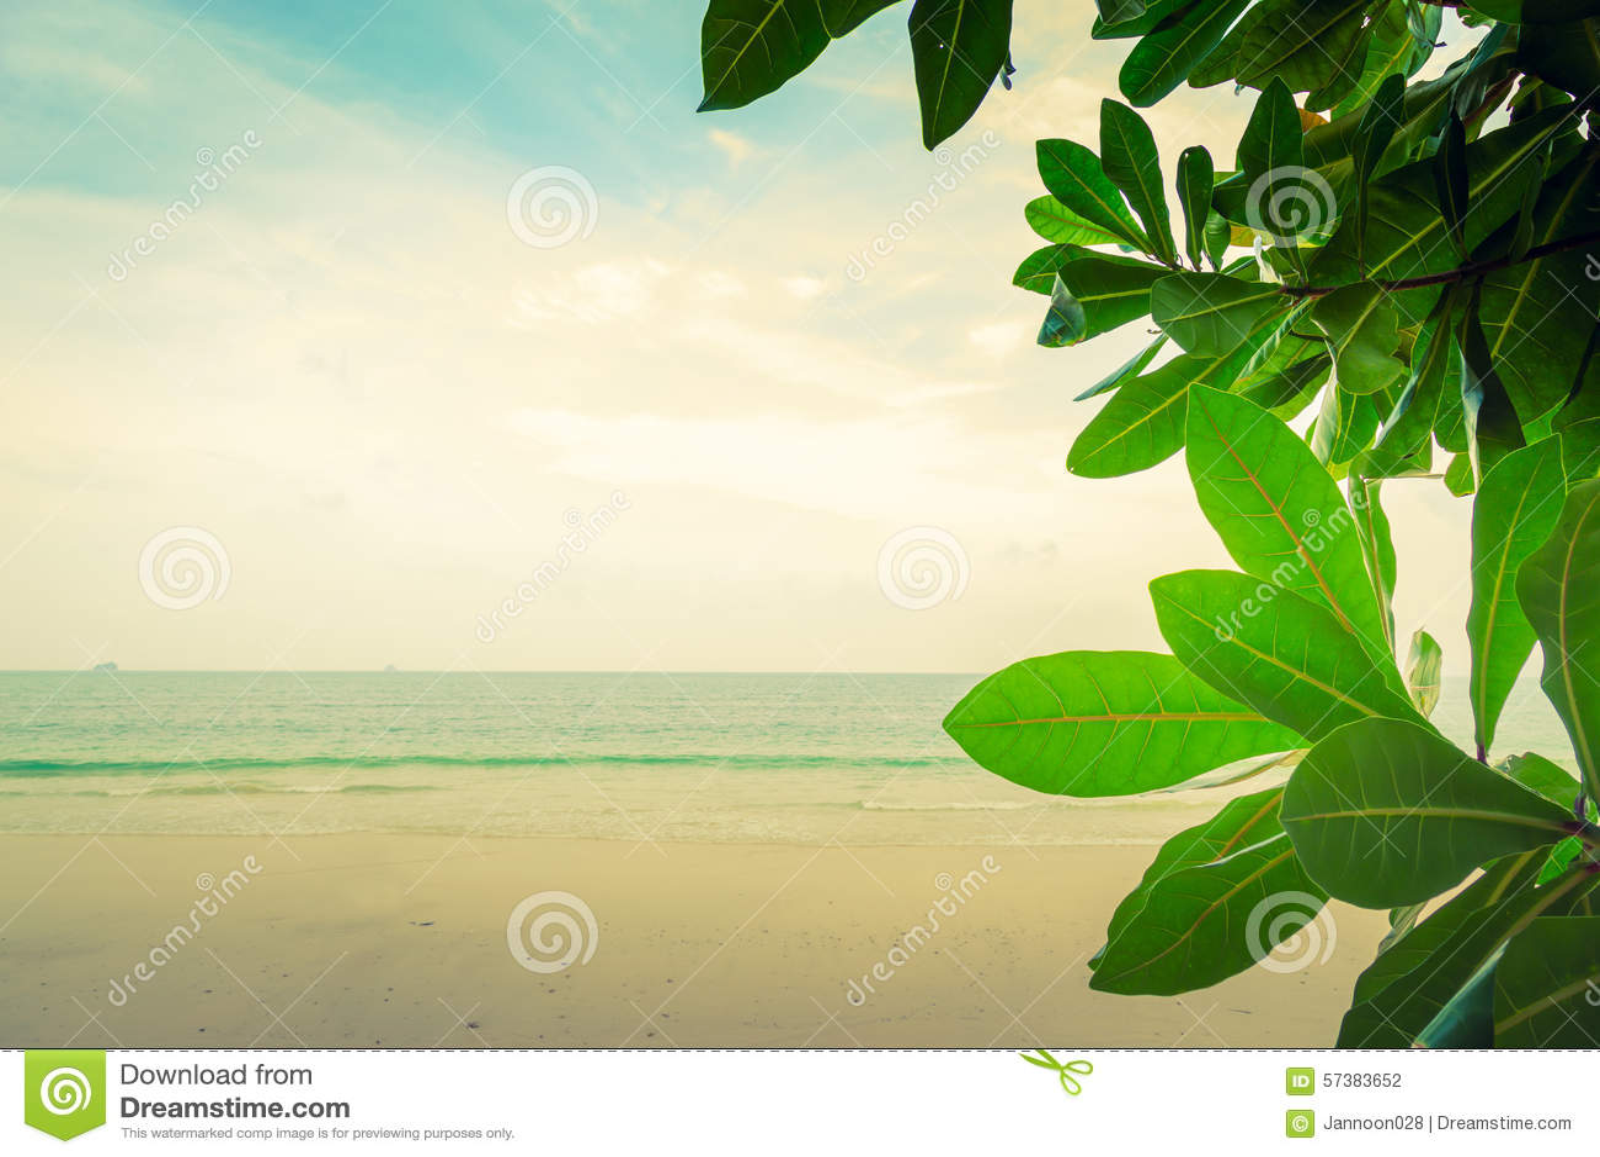 Groen blad (Gefiltreerde beeld verwerkte wijnoogst)